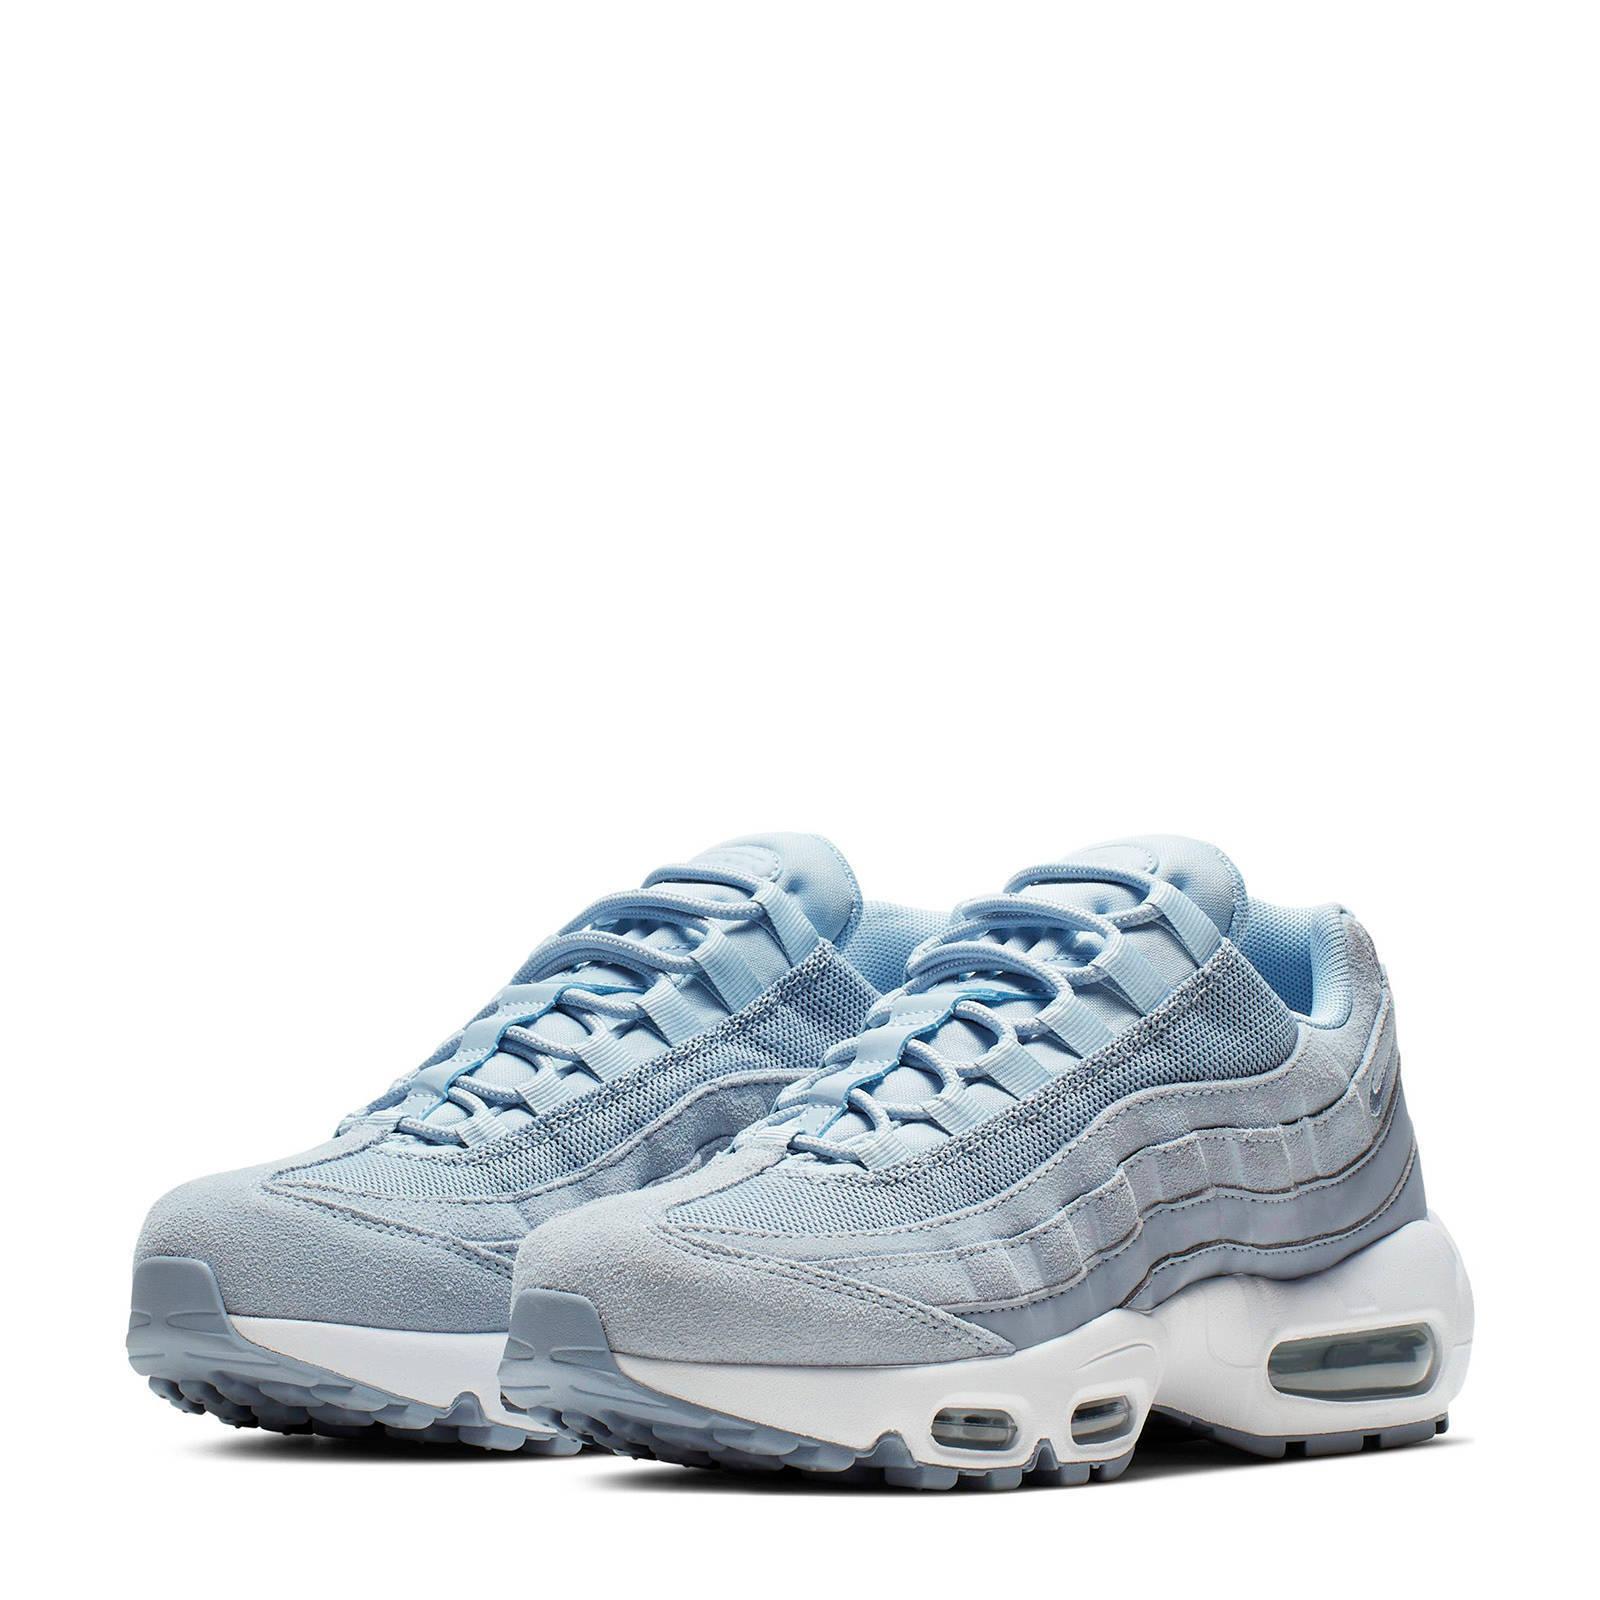 leuk Nike Air Max 95 Prm sneakers blauwwit | wehkamp Nike